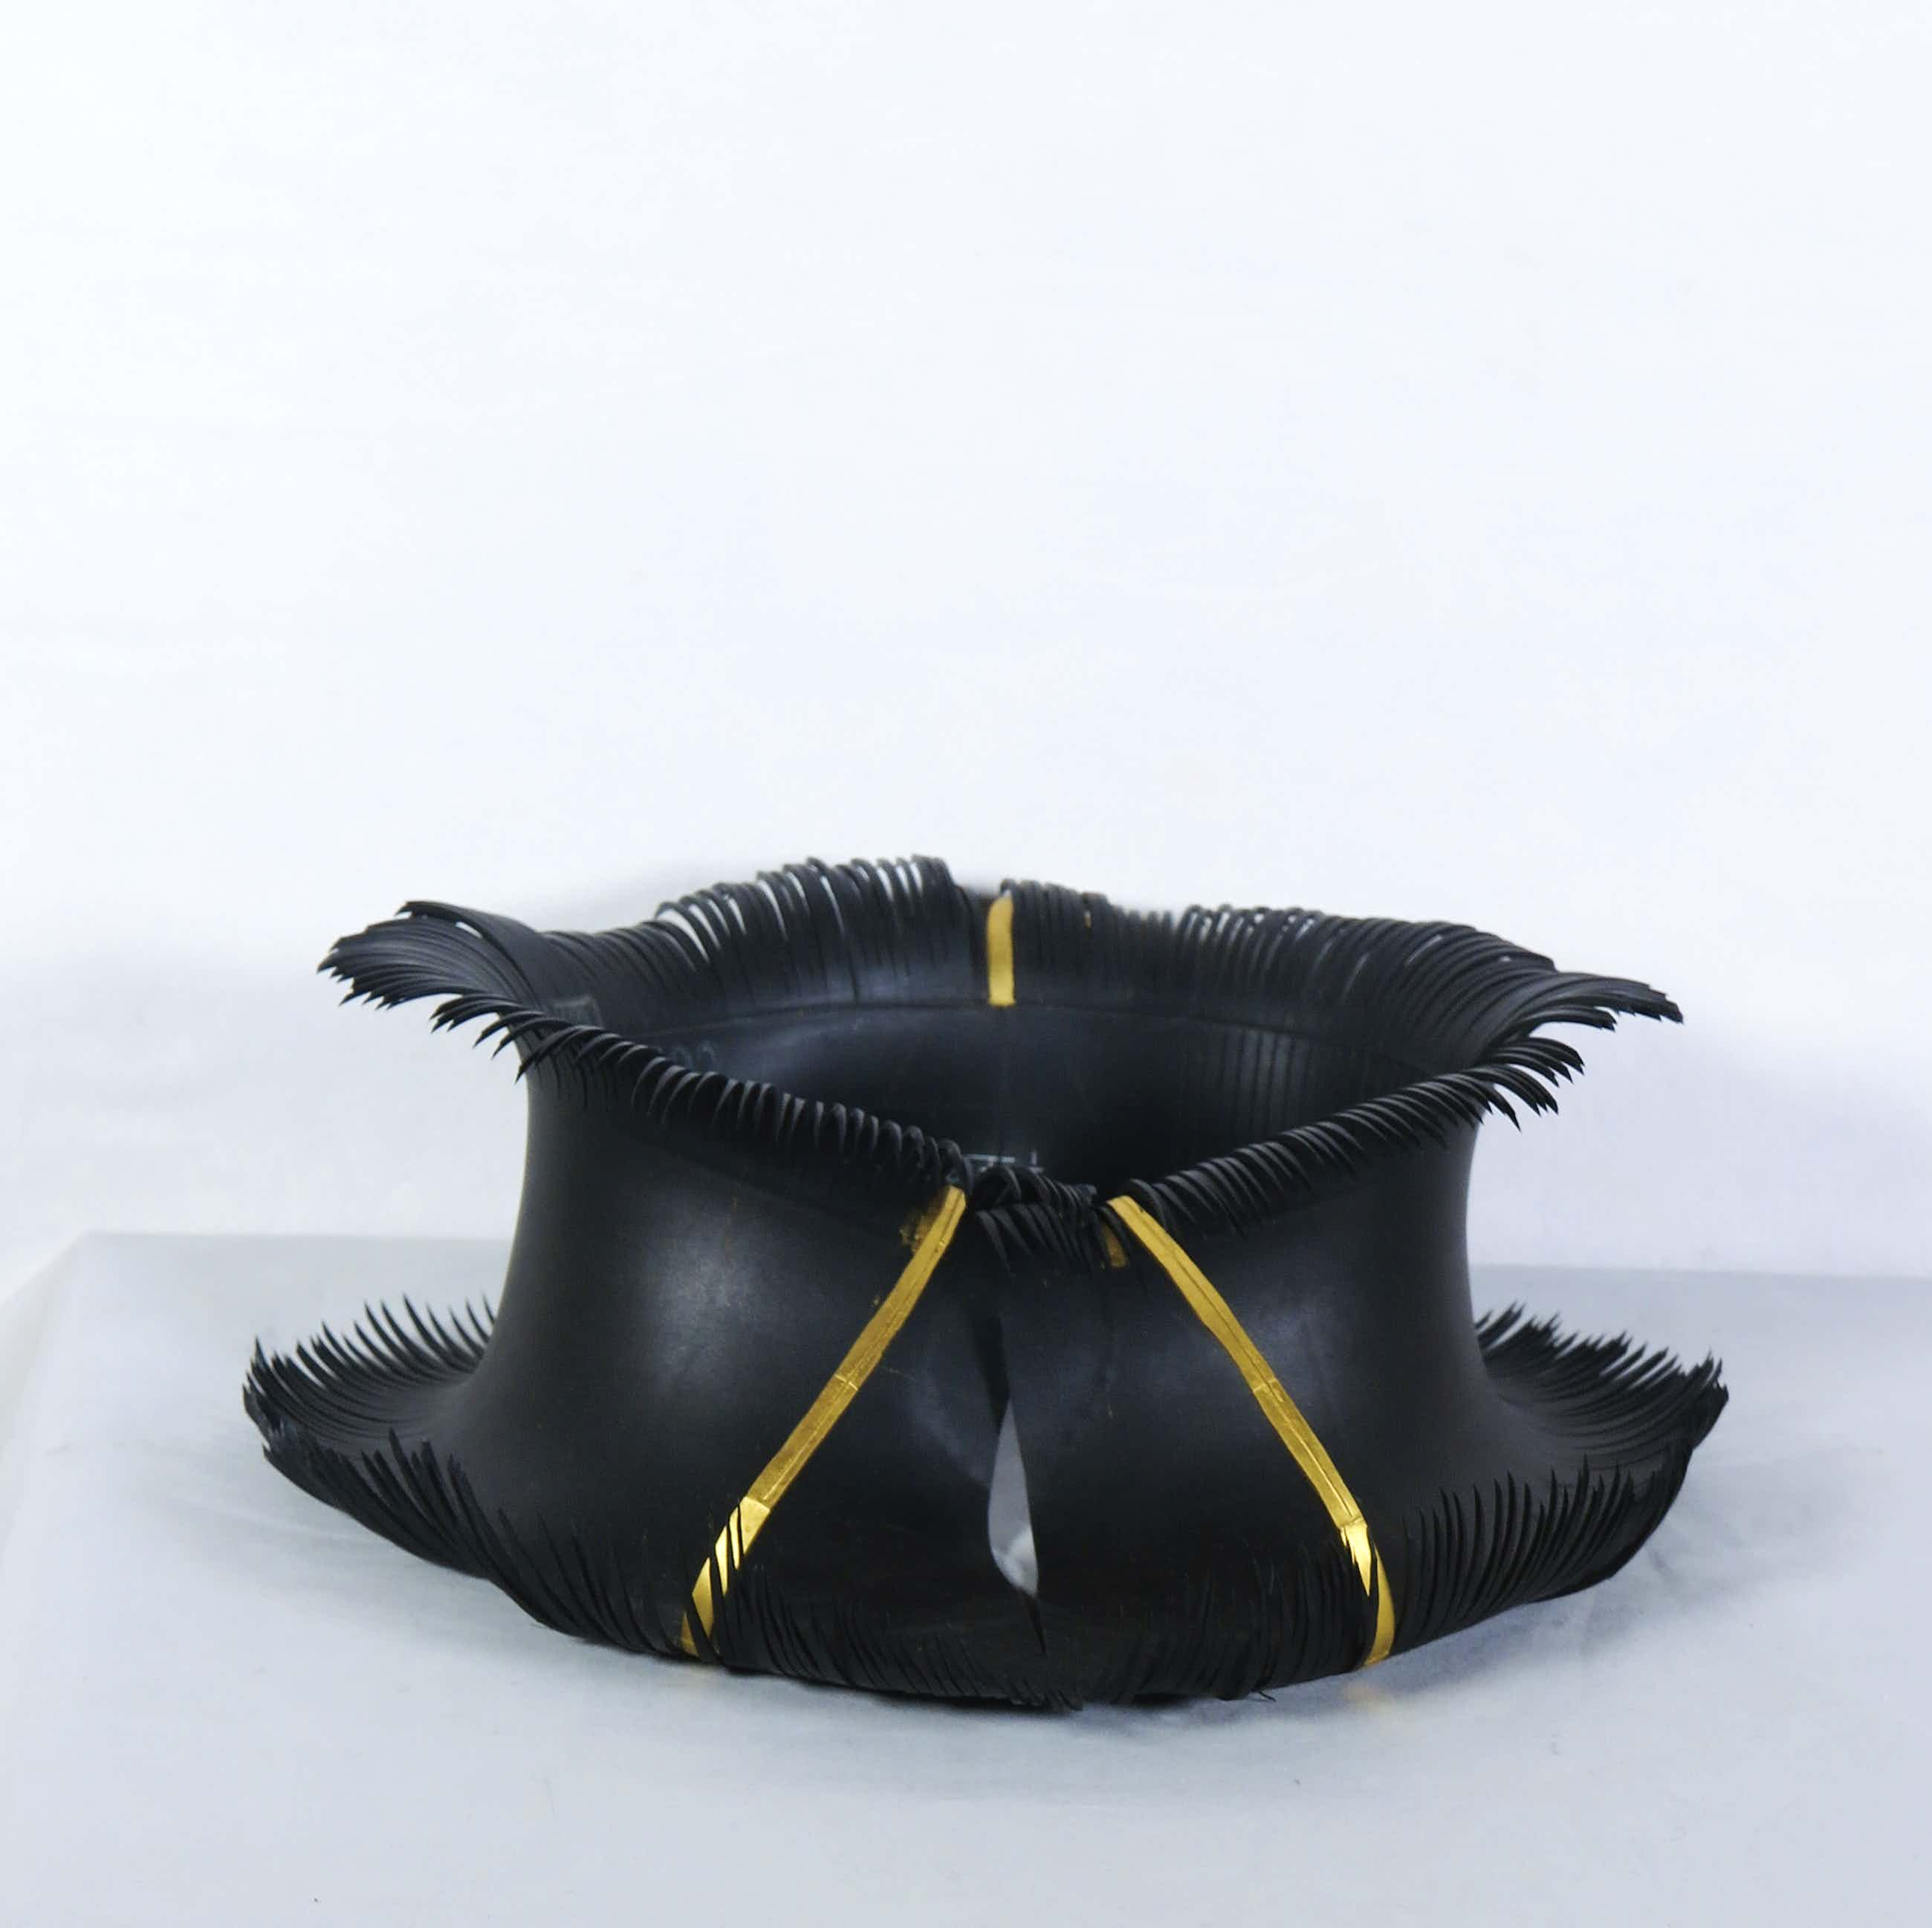 Thea Tolsma - Collier van rubber, Pilar (1/5) kopen? Bied vanaf 100!